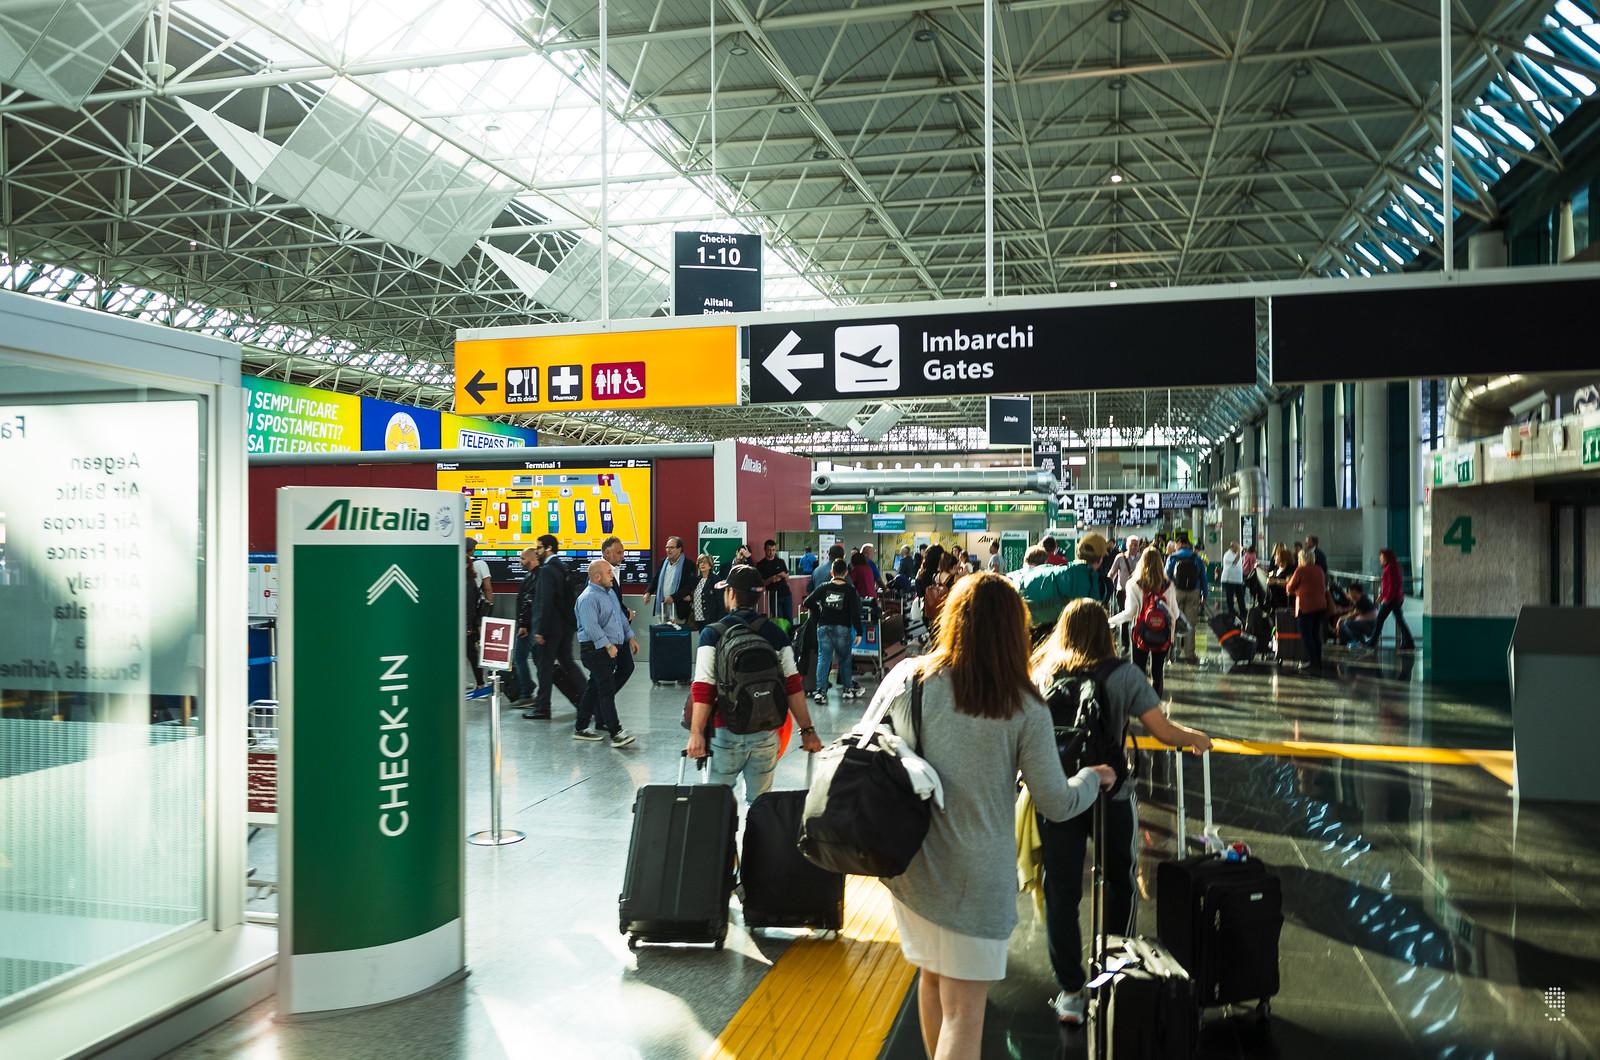 一號客運樓為意大利航空服務樞紐,廉航櫃枱亦設立於此